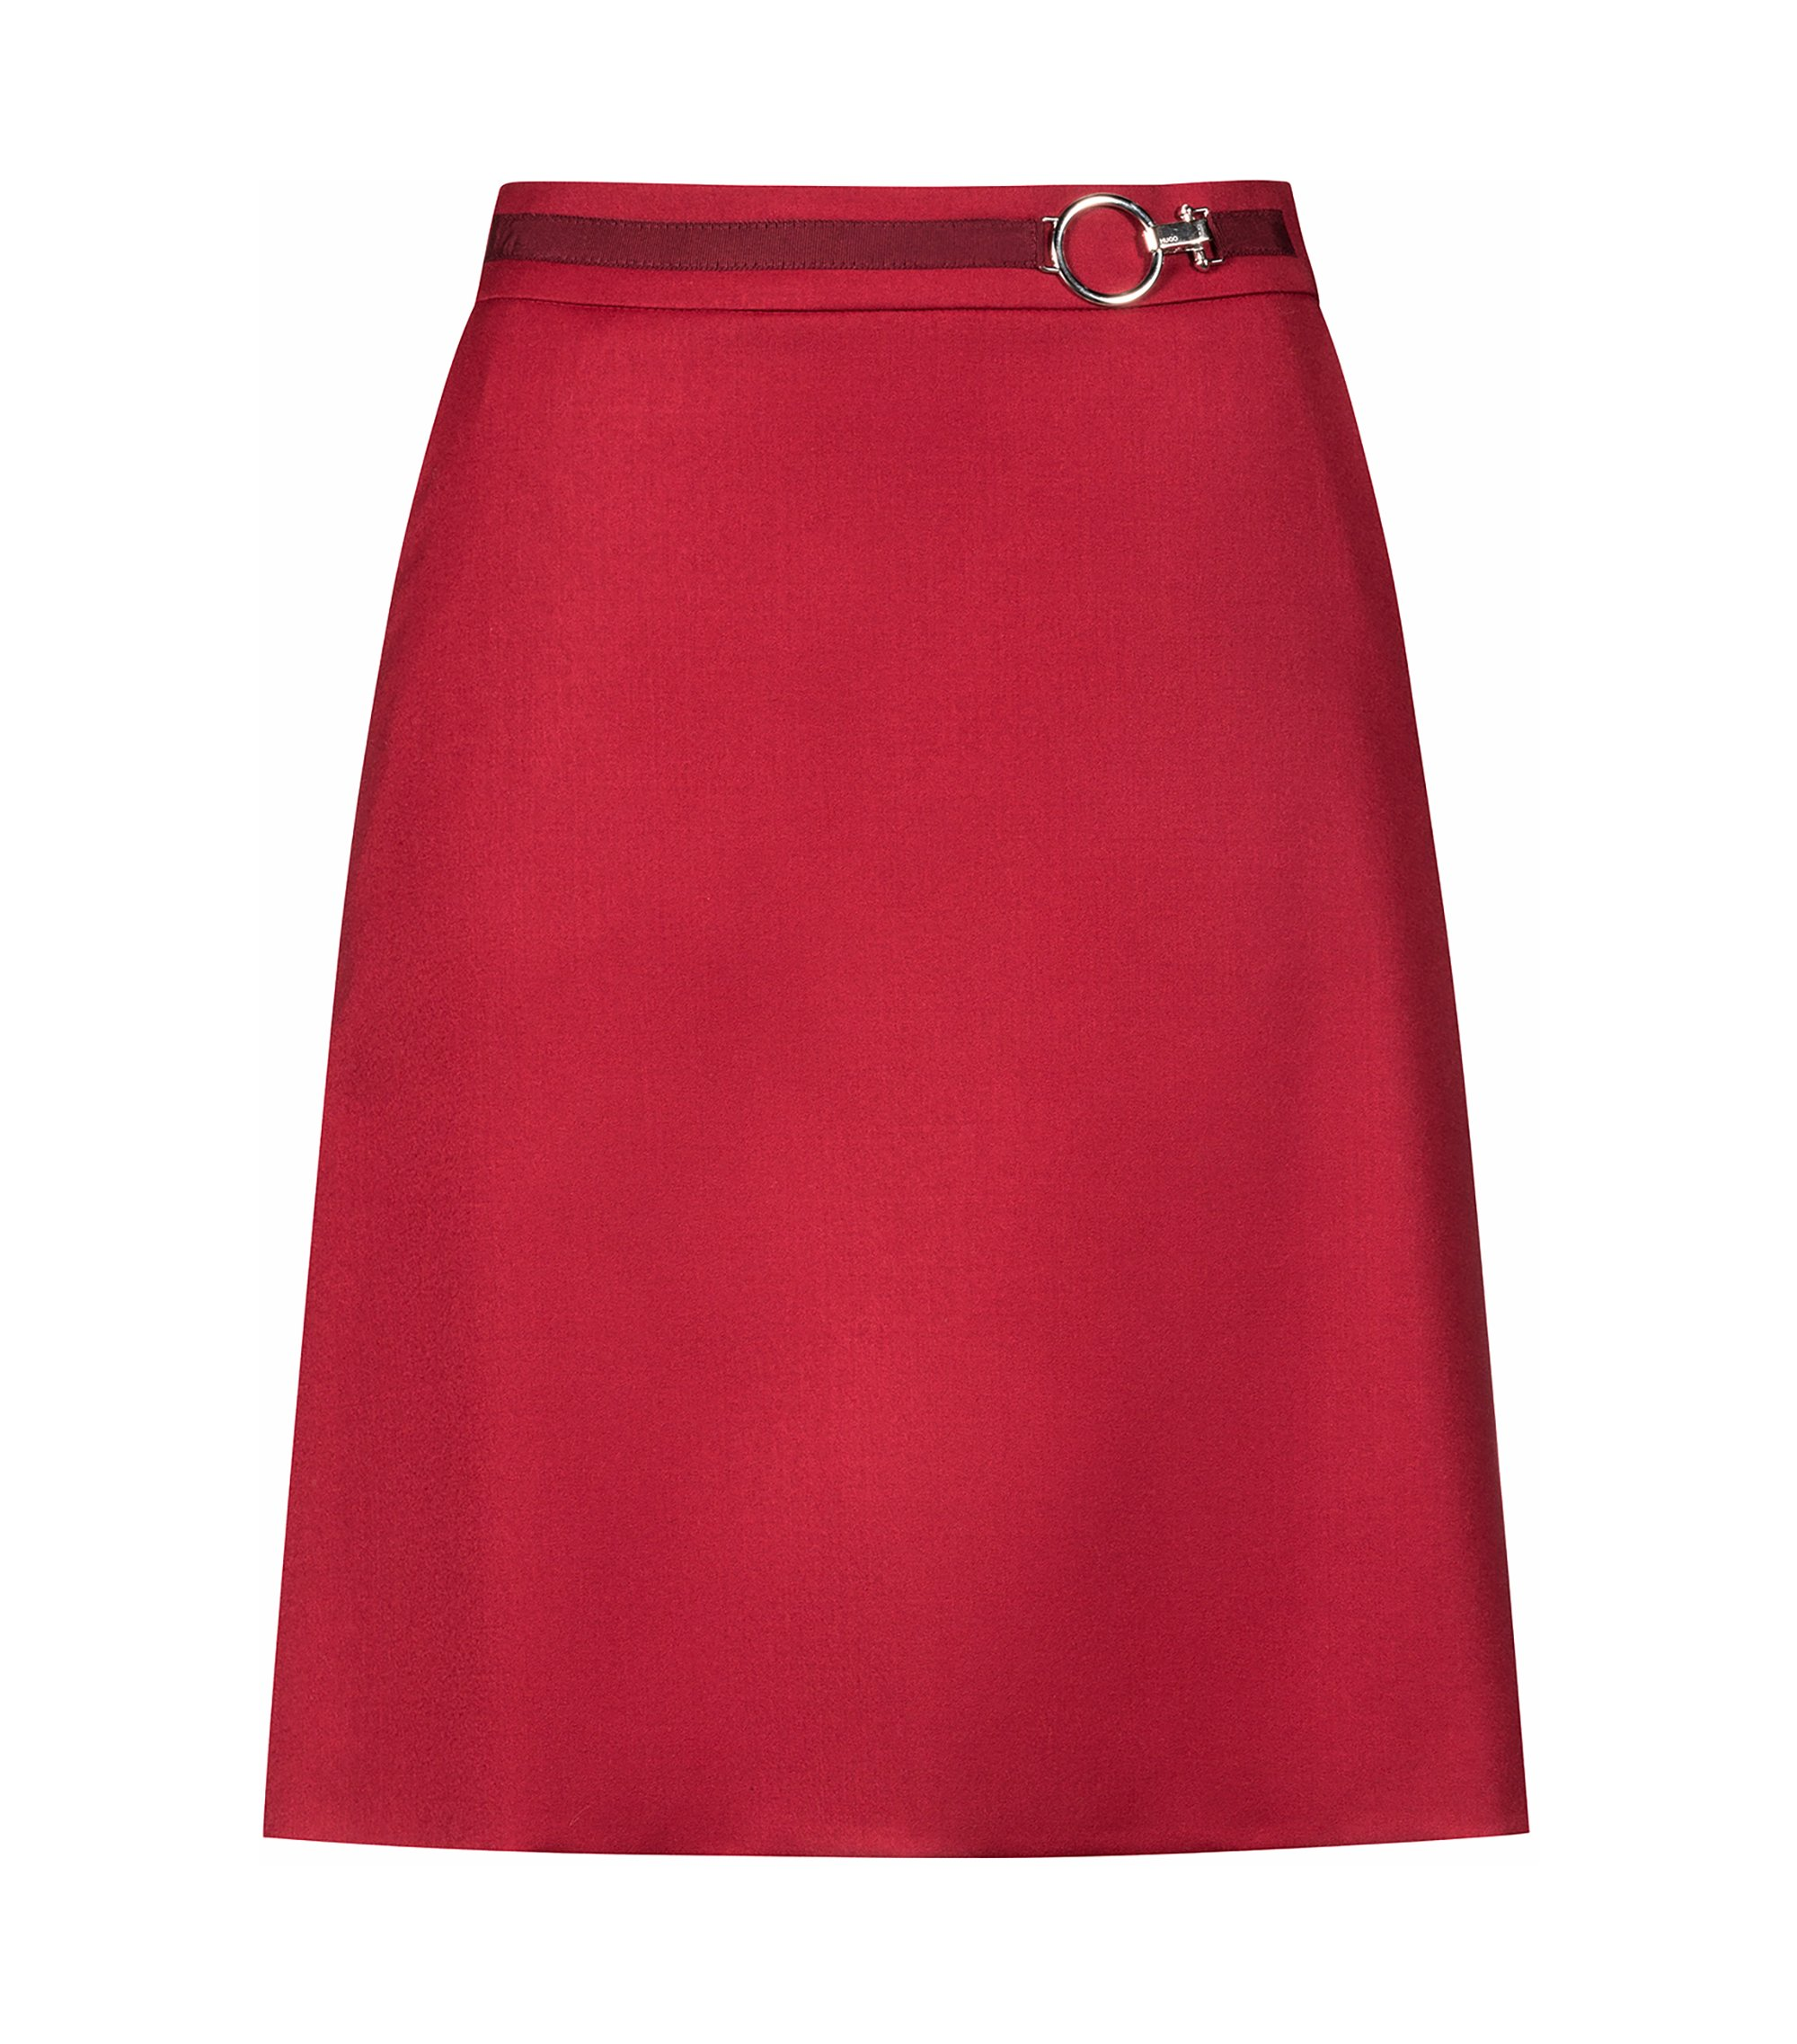 Minigonna dalla linea svasata in lana vergine elasticizzata con fibbia esclusiva, Rosso